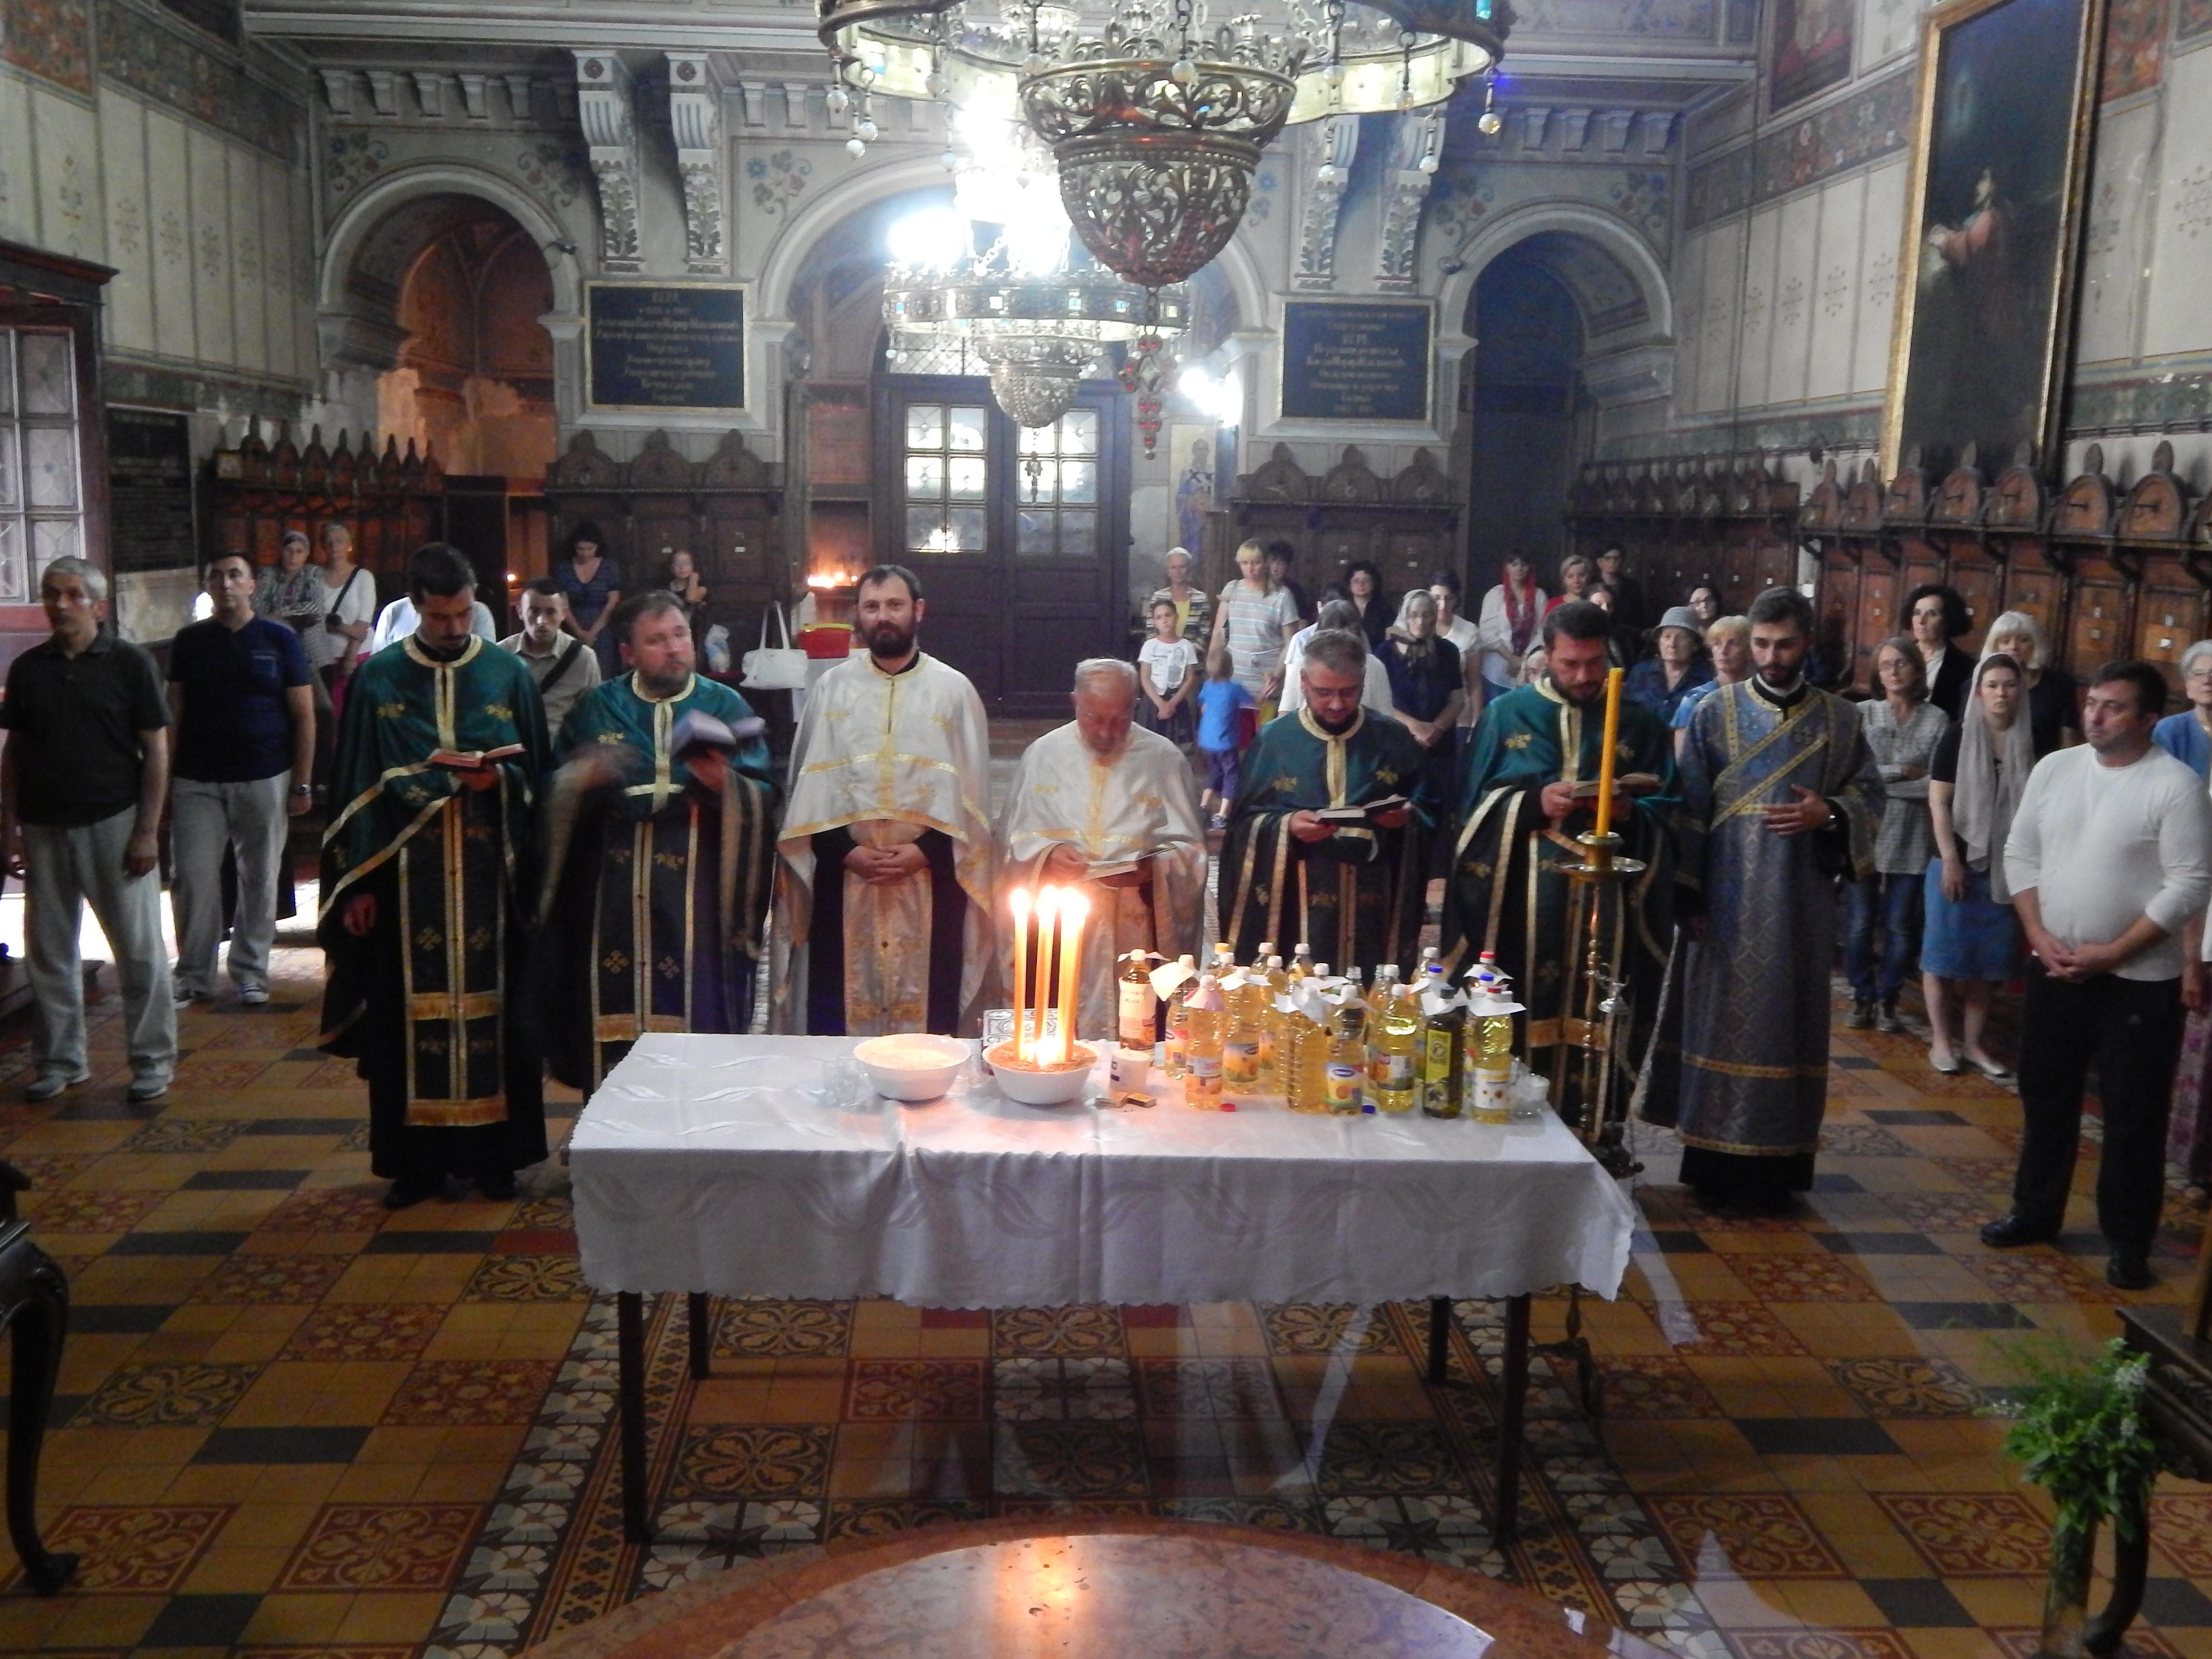 Света тајна јелеосвећења у румском Храму силаска Светог Духа на апостоле